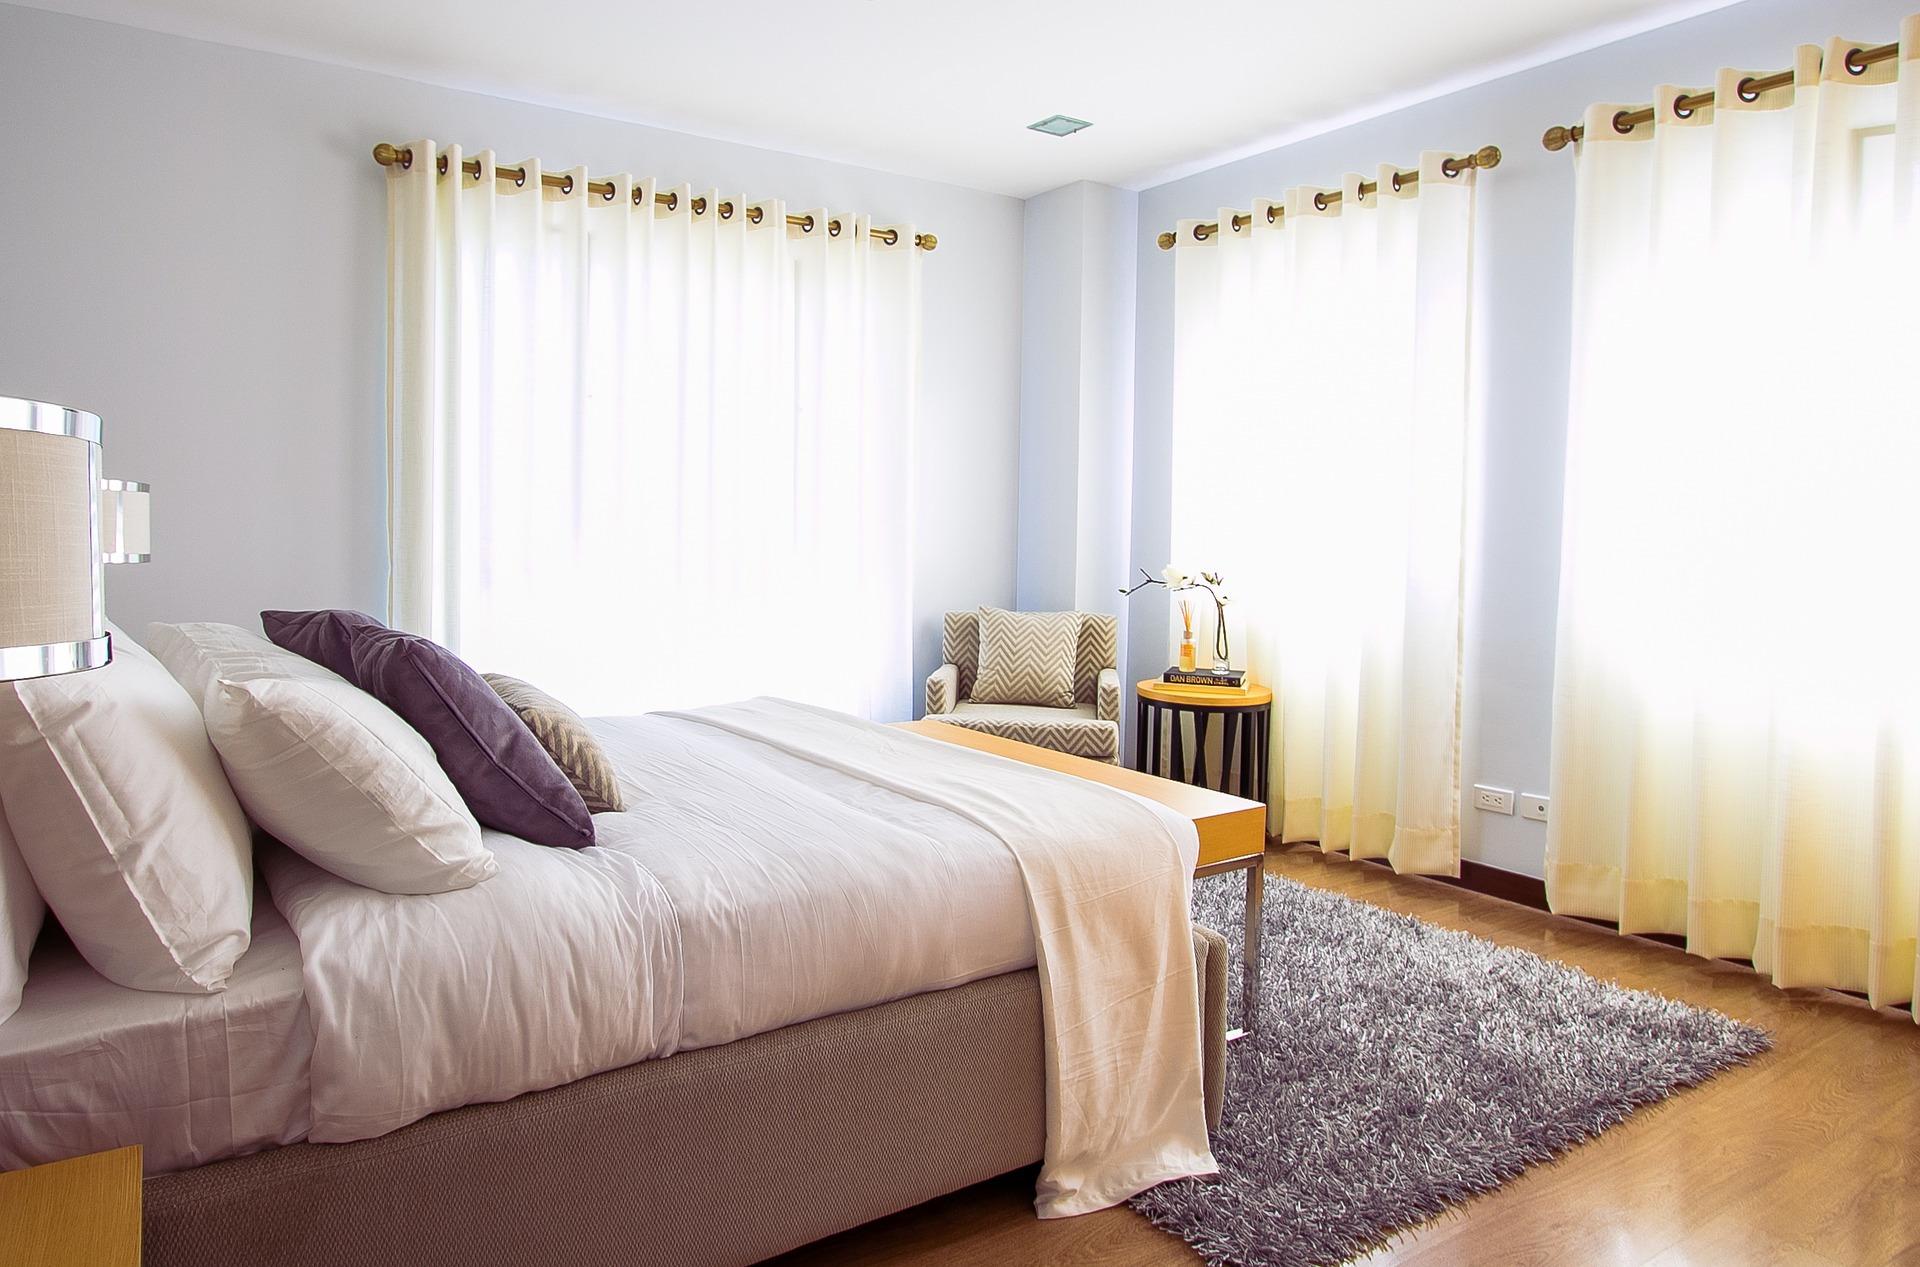 praktyczne porady przy zakupie łóżka łóżka do sypialni łóżko